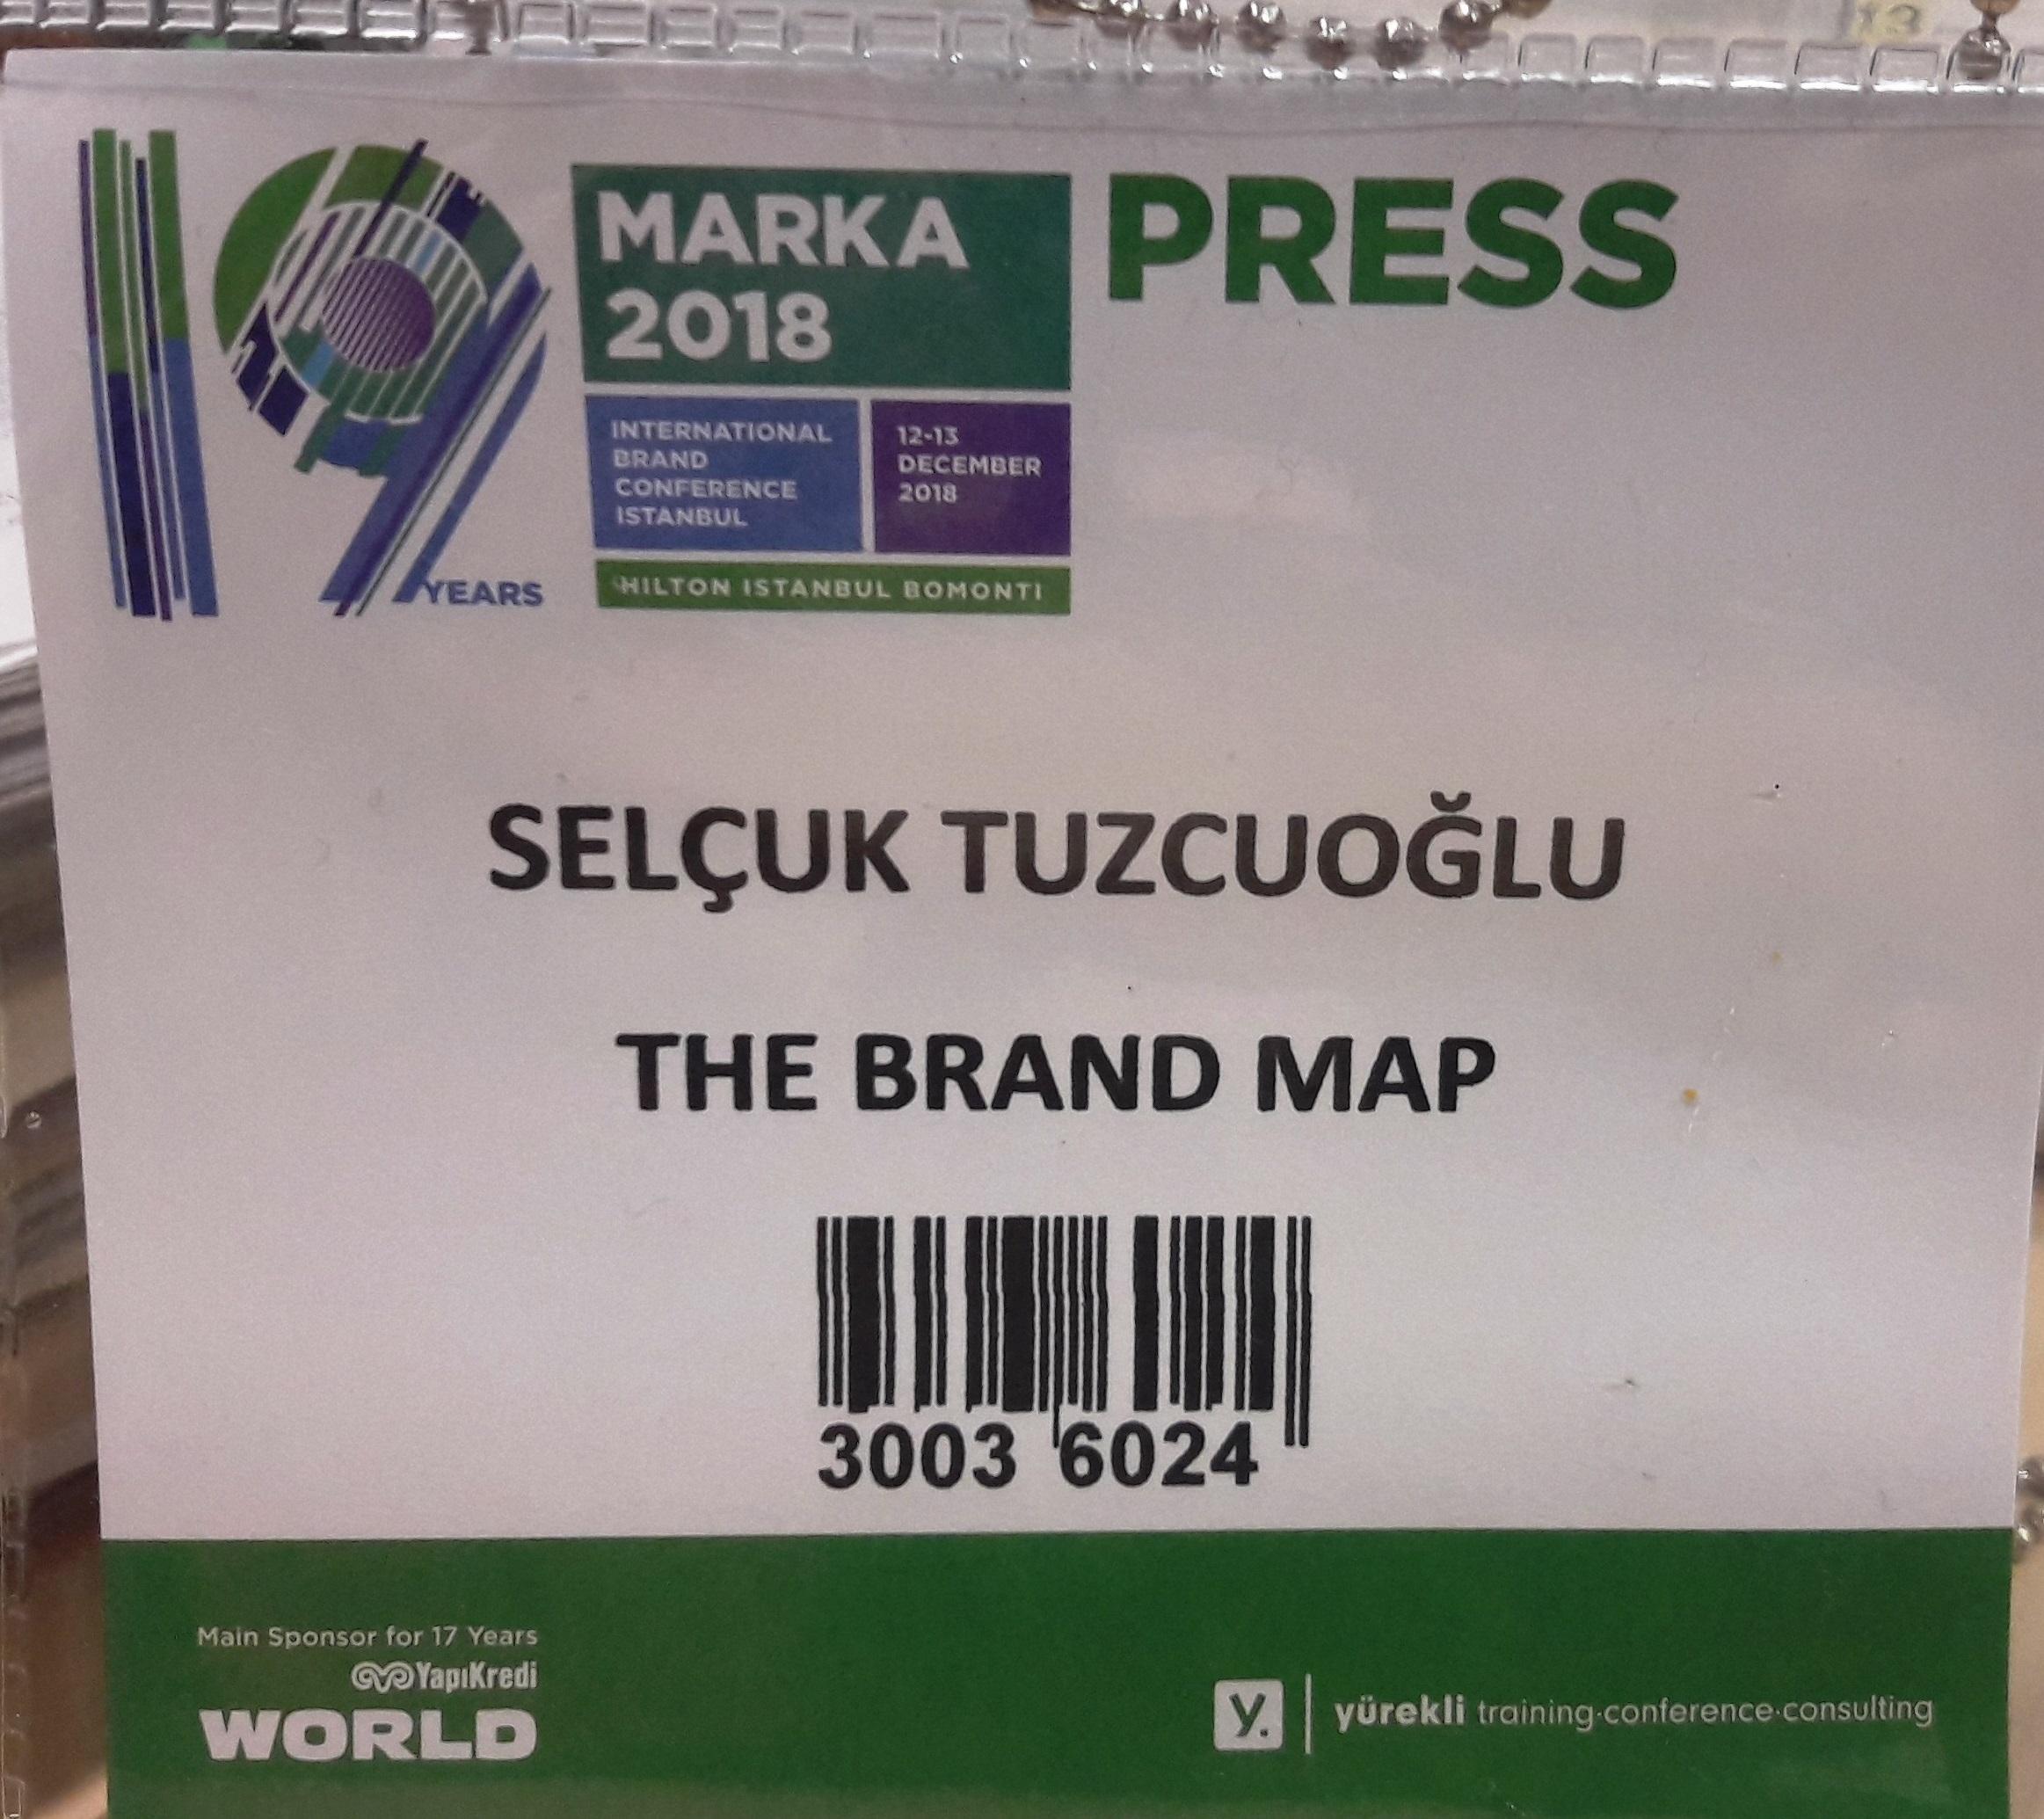 Marka Konferansı 2018 (12.13.2018)